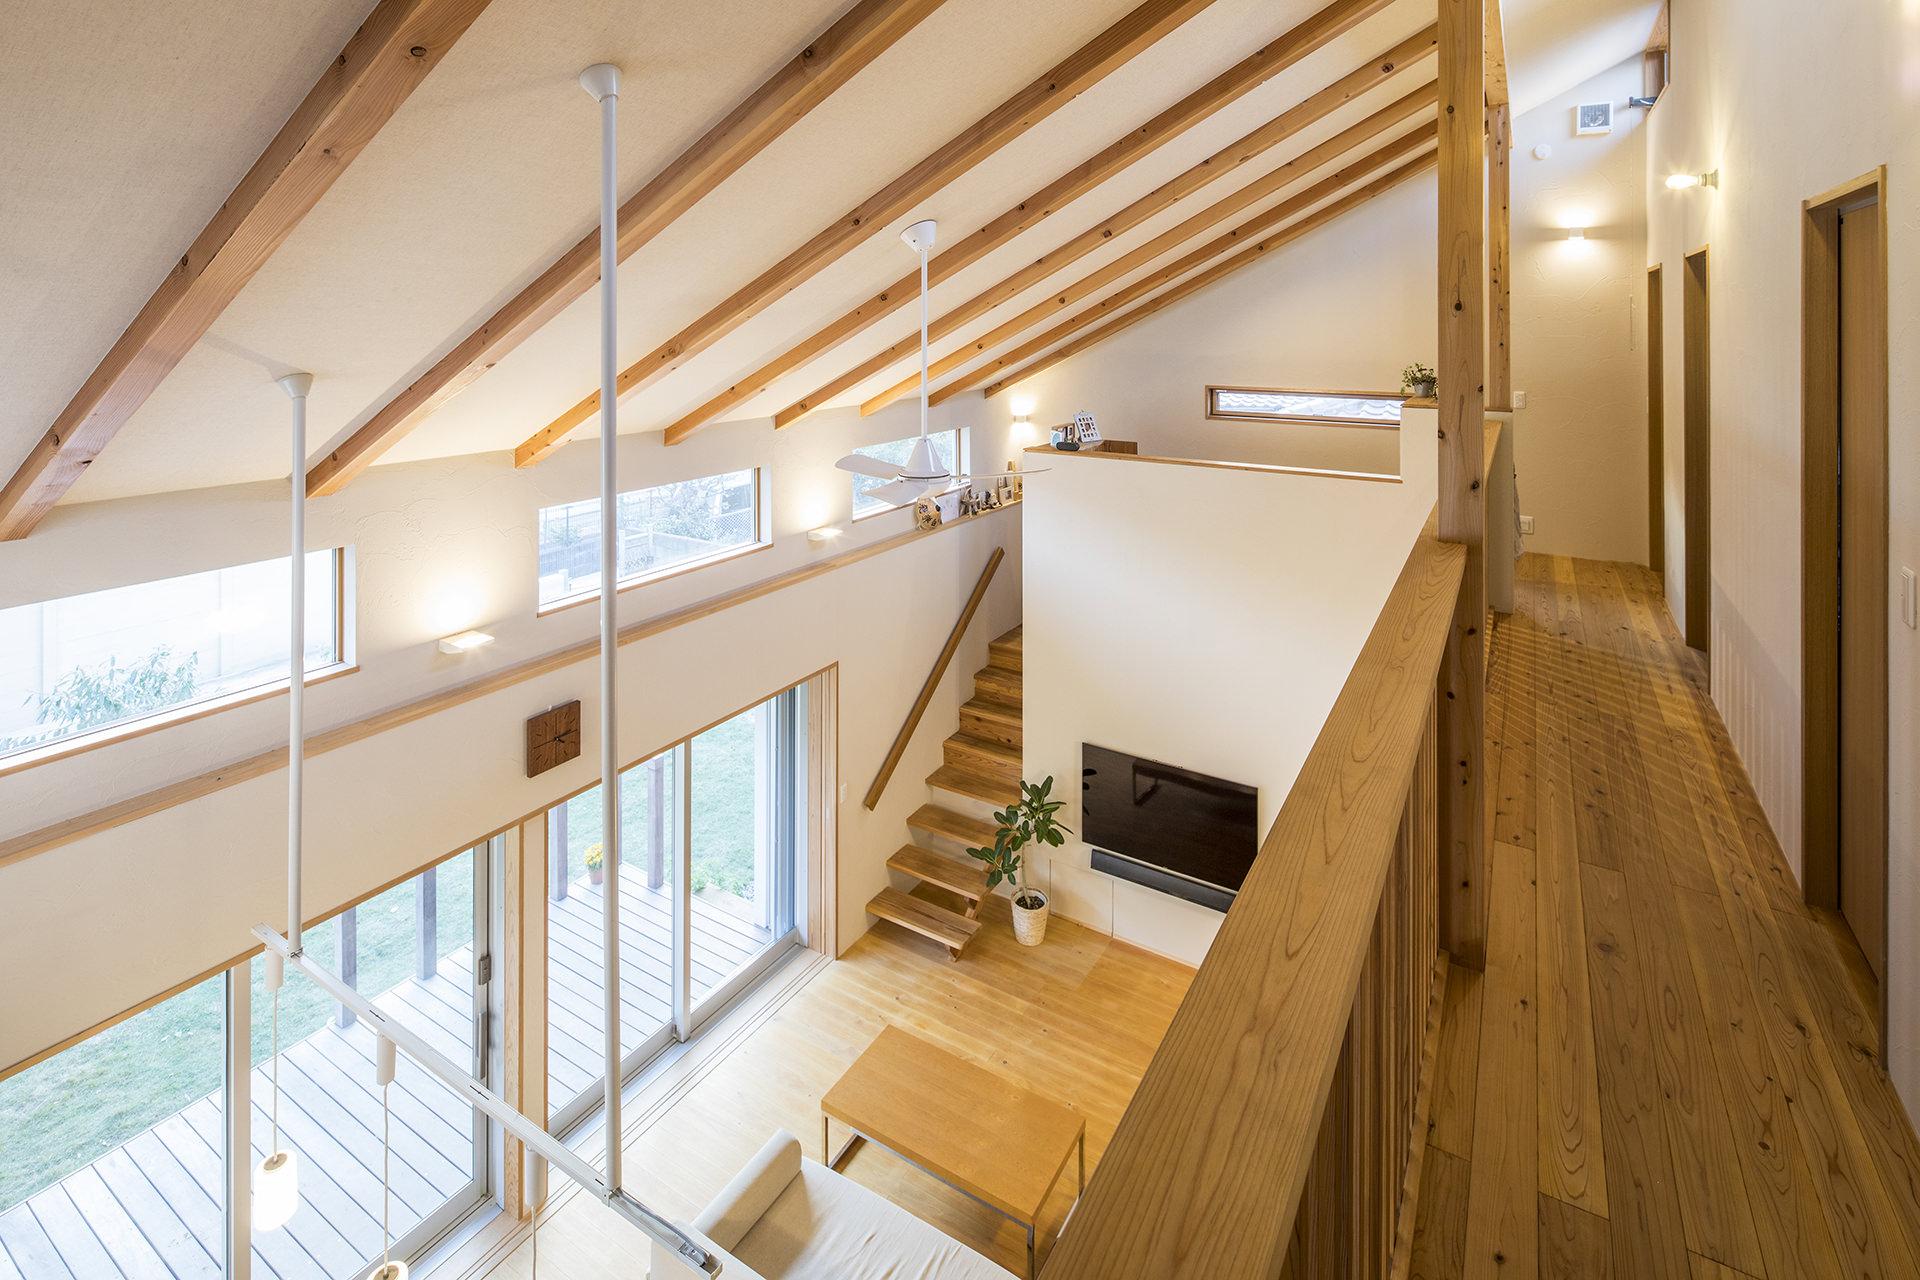 家族を結びつける大屋根の家 イメージ12 撮影:東涌写真事務所・東涌宏和